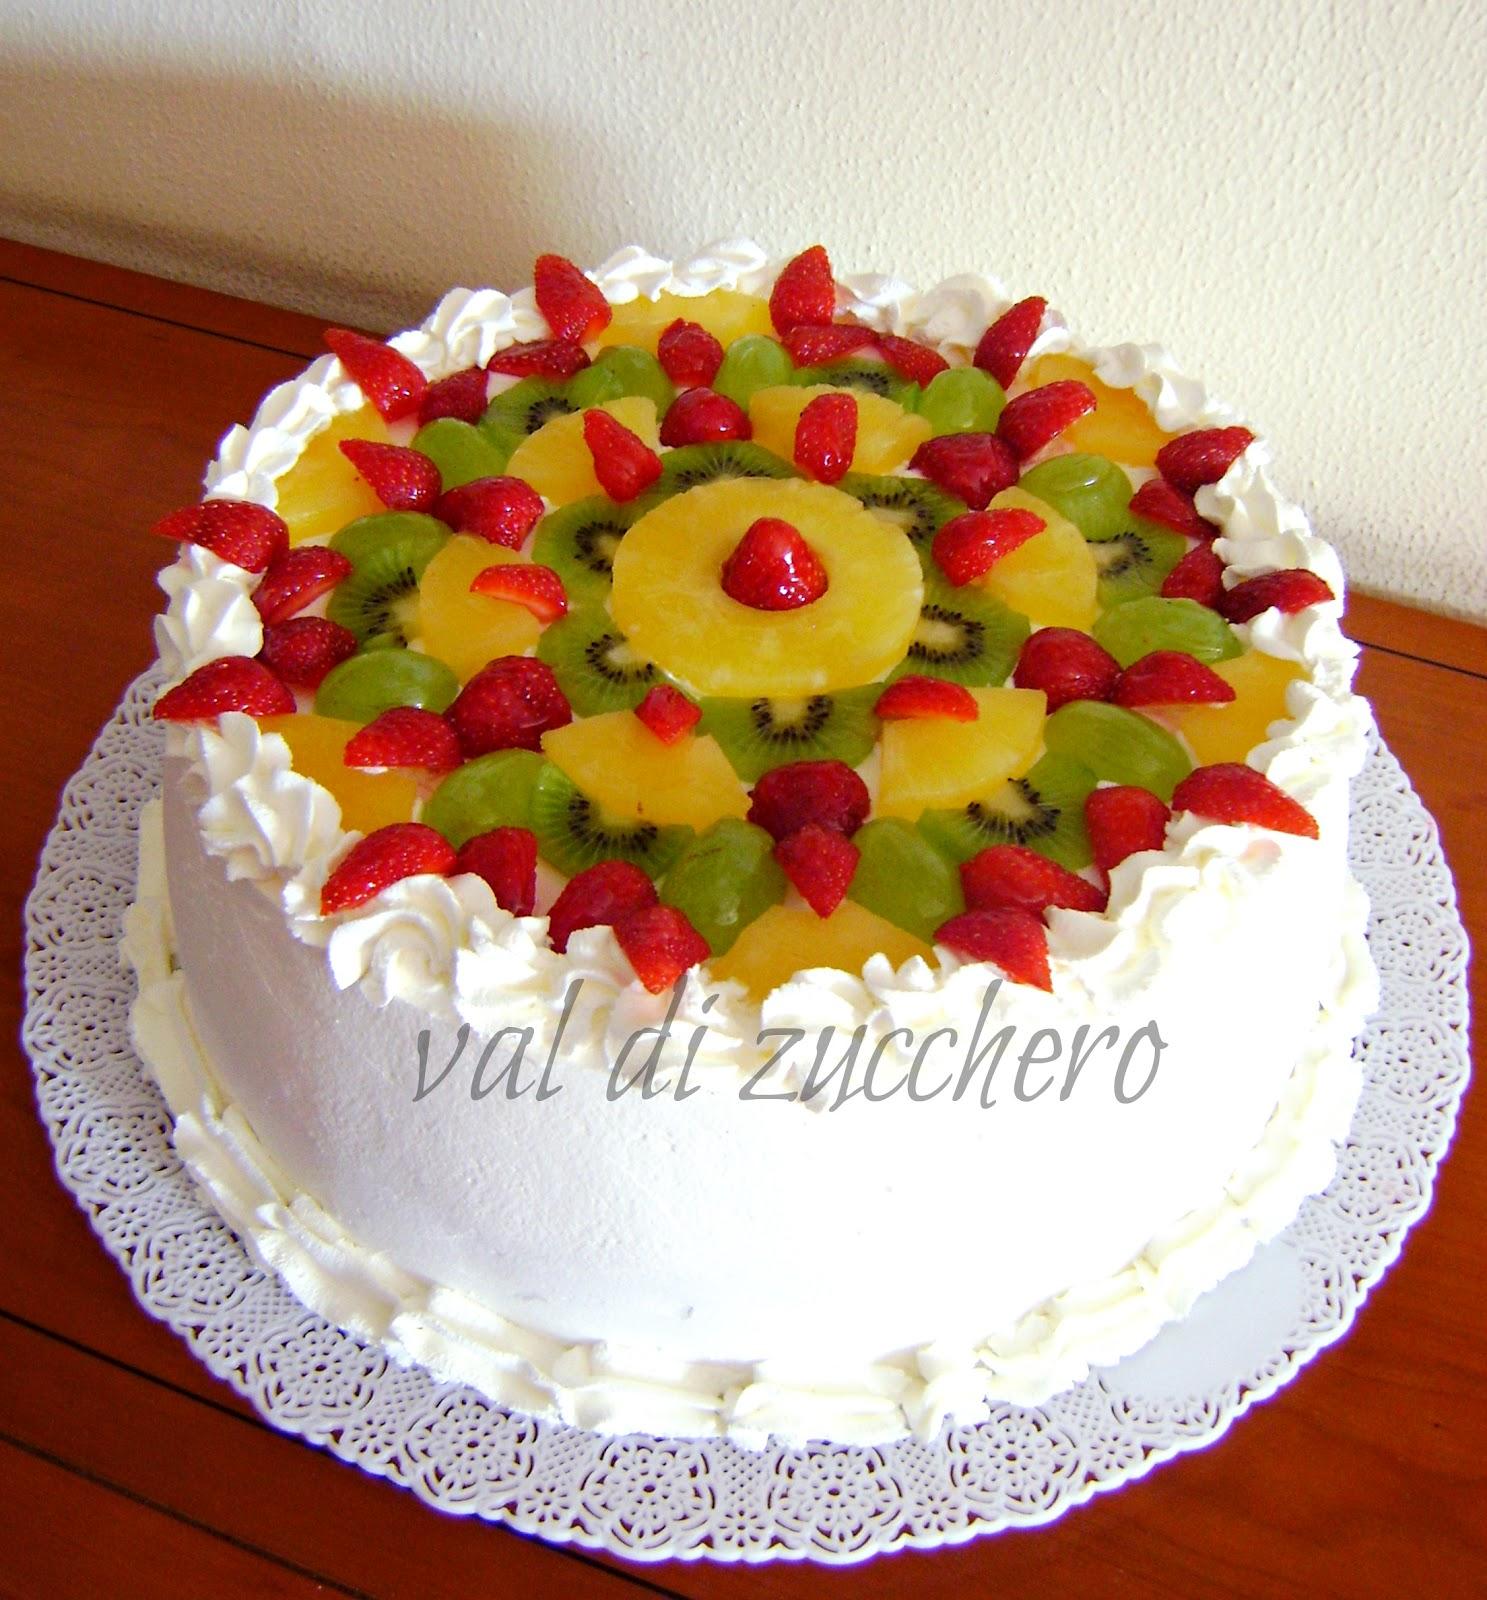 Tra laltro, le torte di frutta sono le mie preferite!